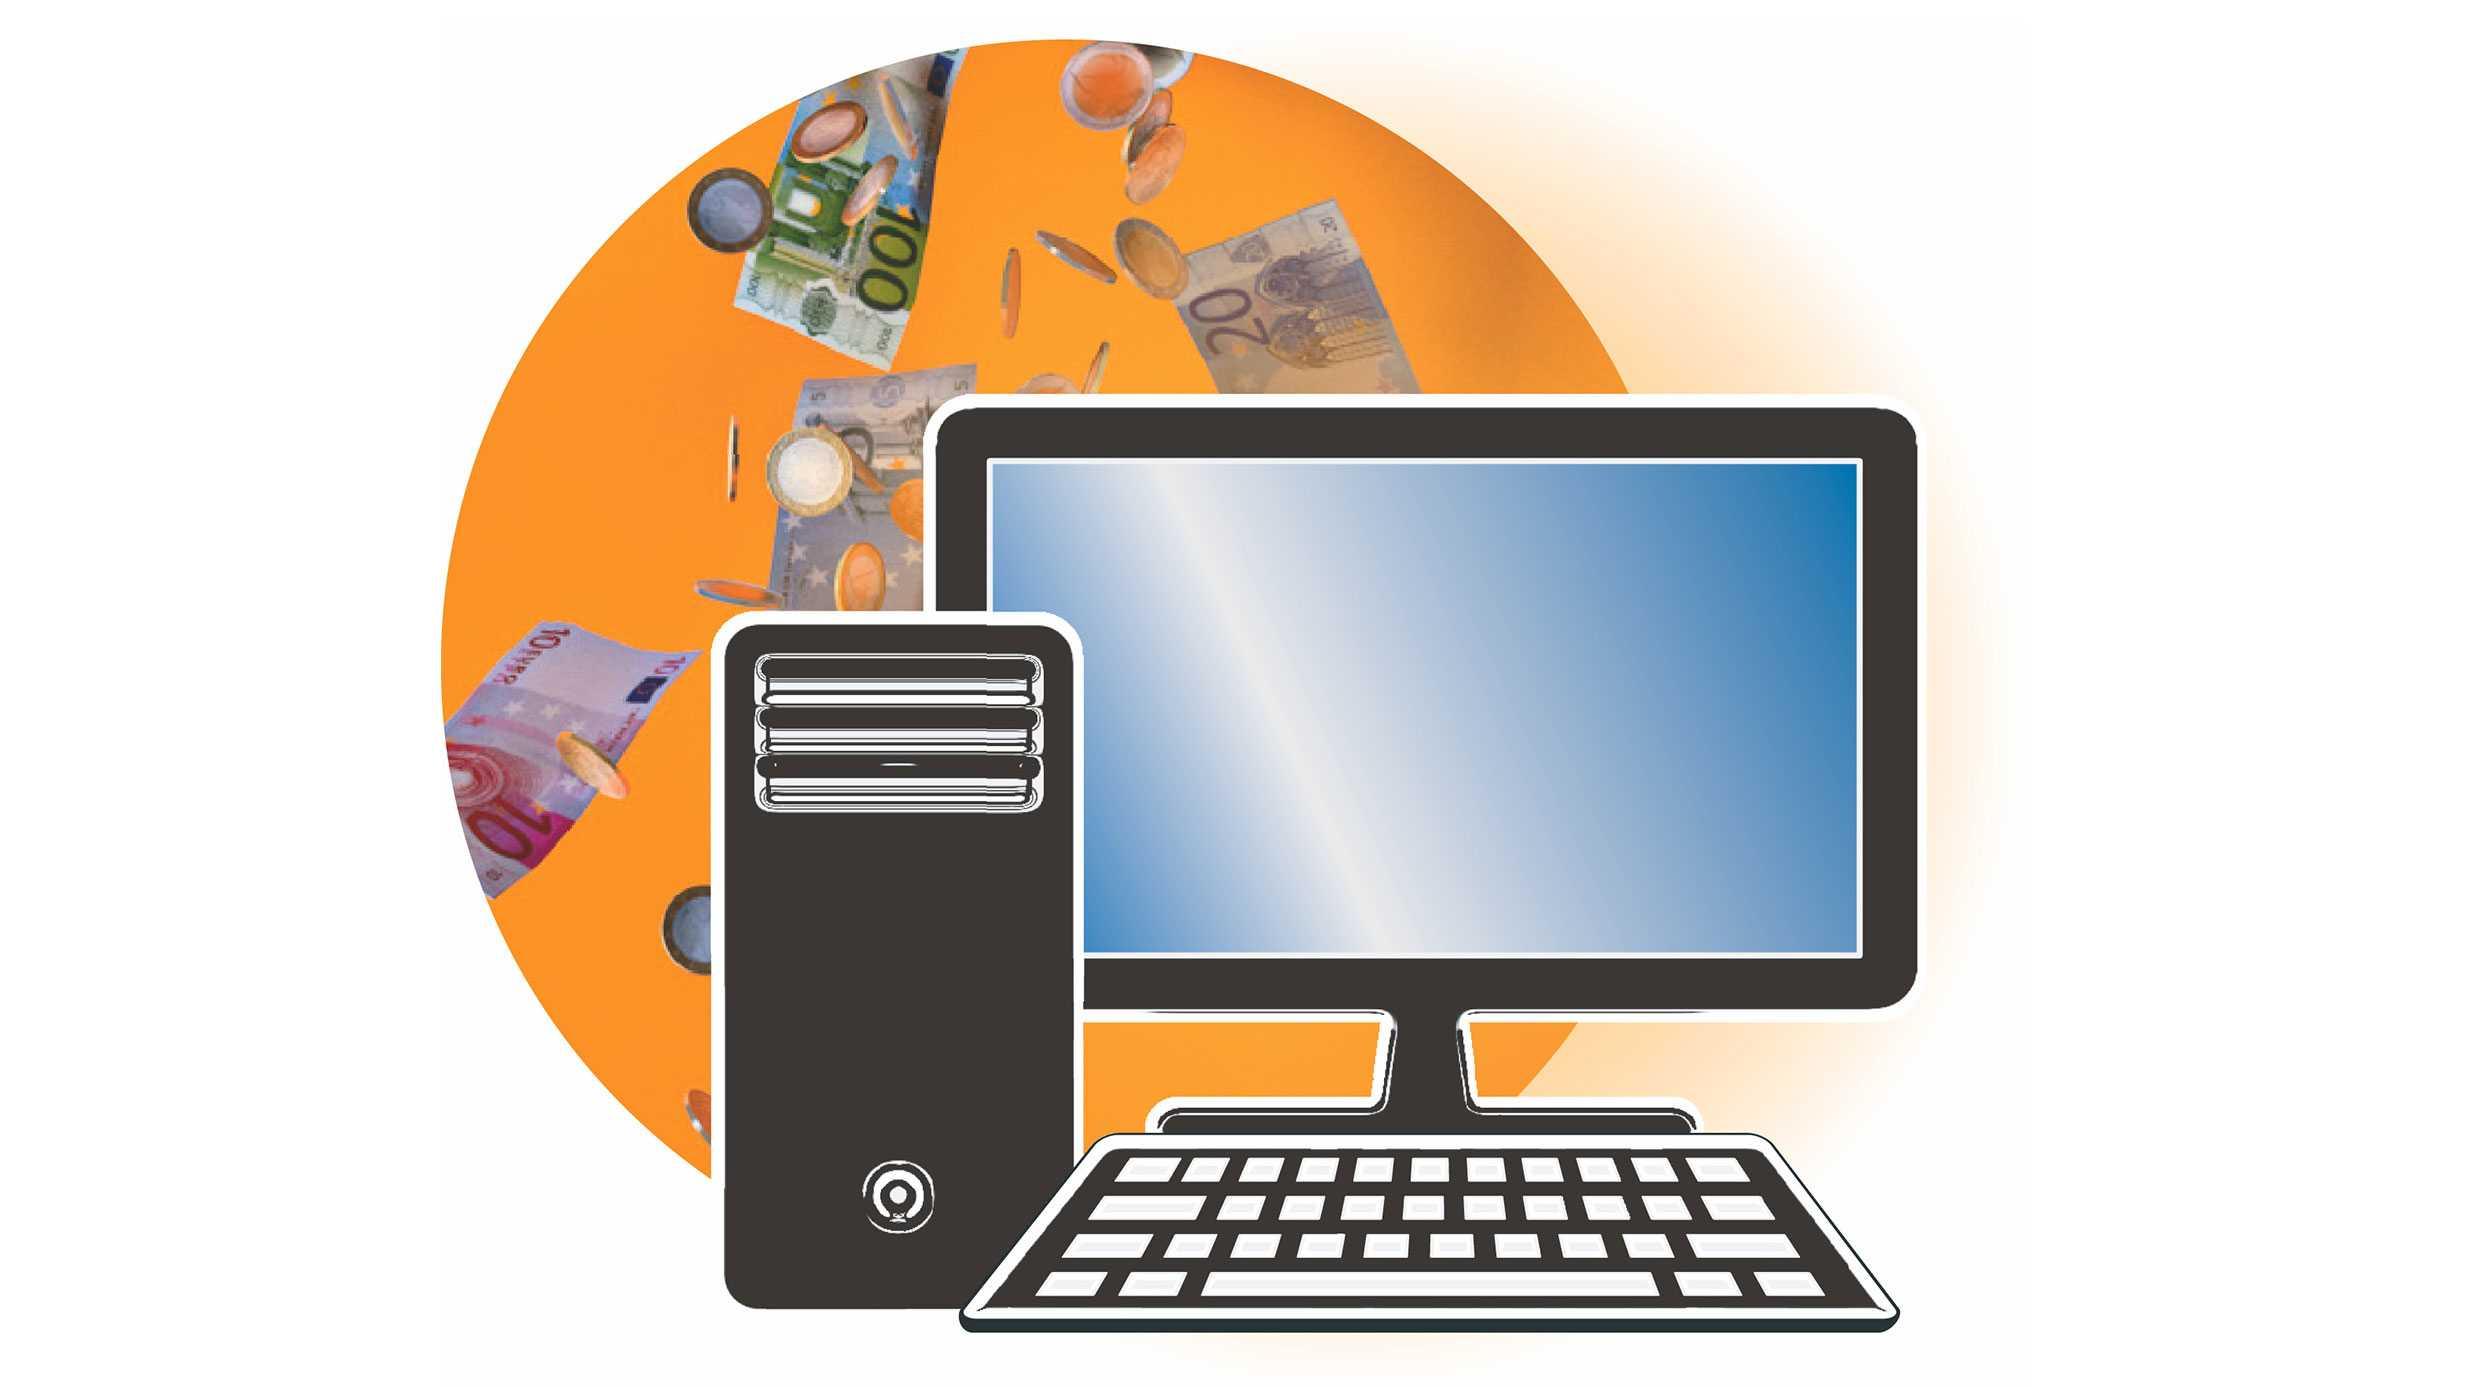 Strom sparen bei der PC-Nutzung